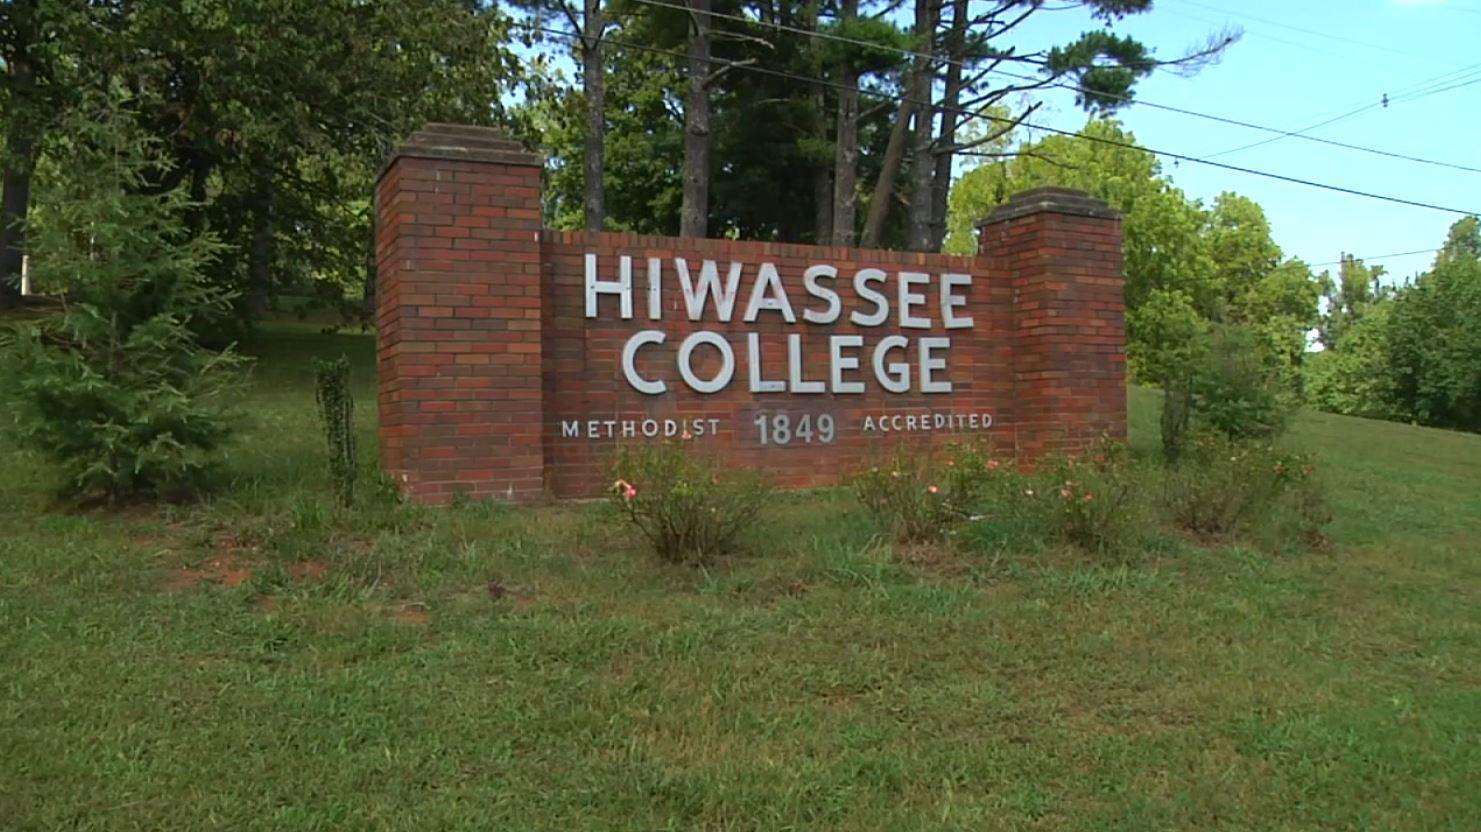 HIWASSEE COLLEGE sign_VO_WATE_1553895467304.JPG.jpg